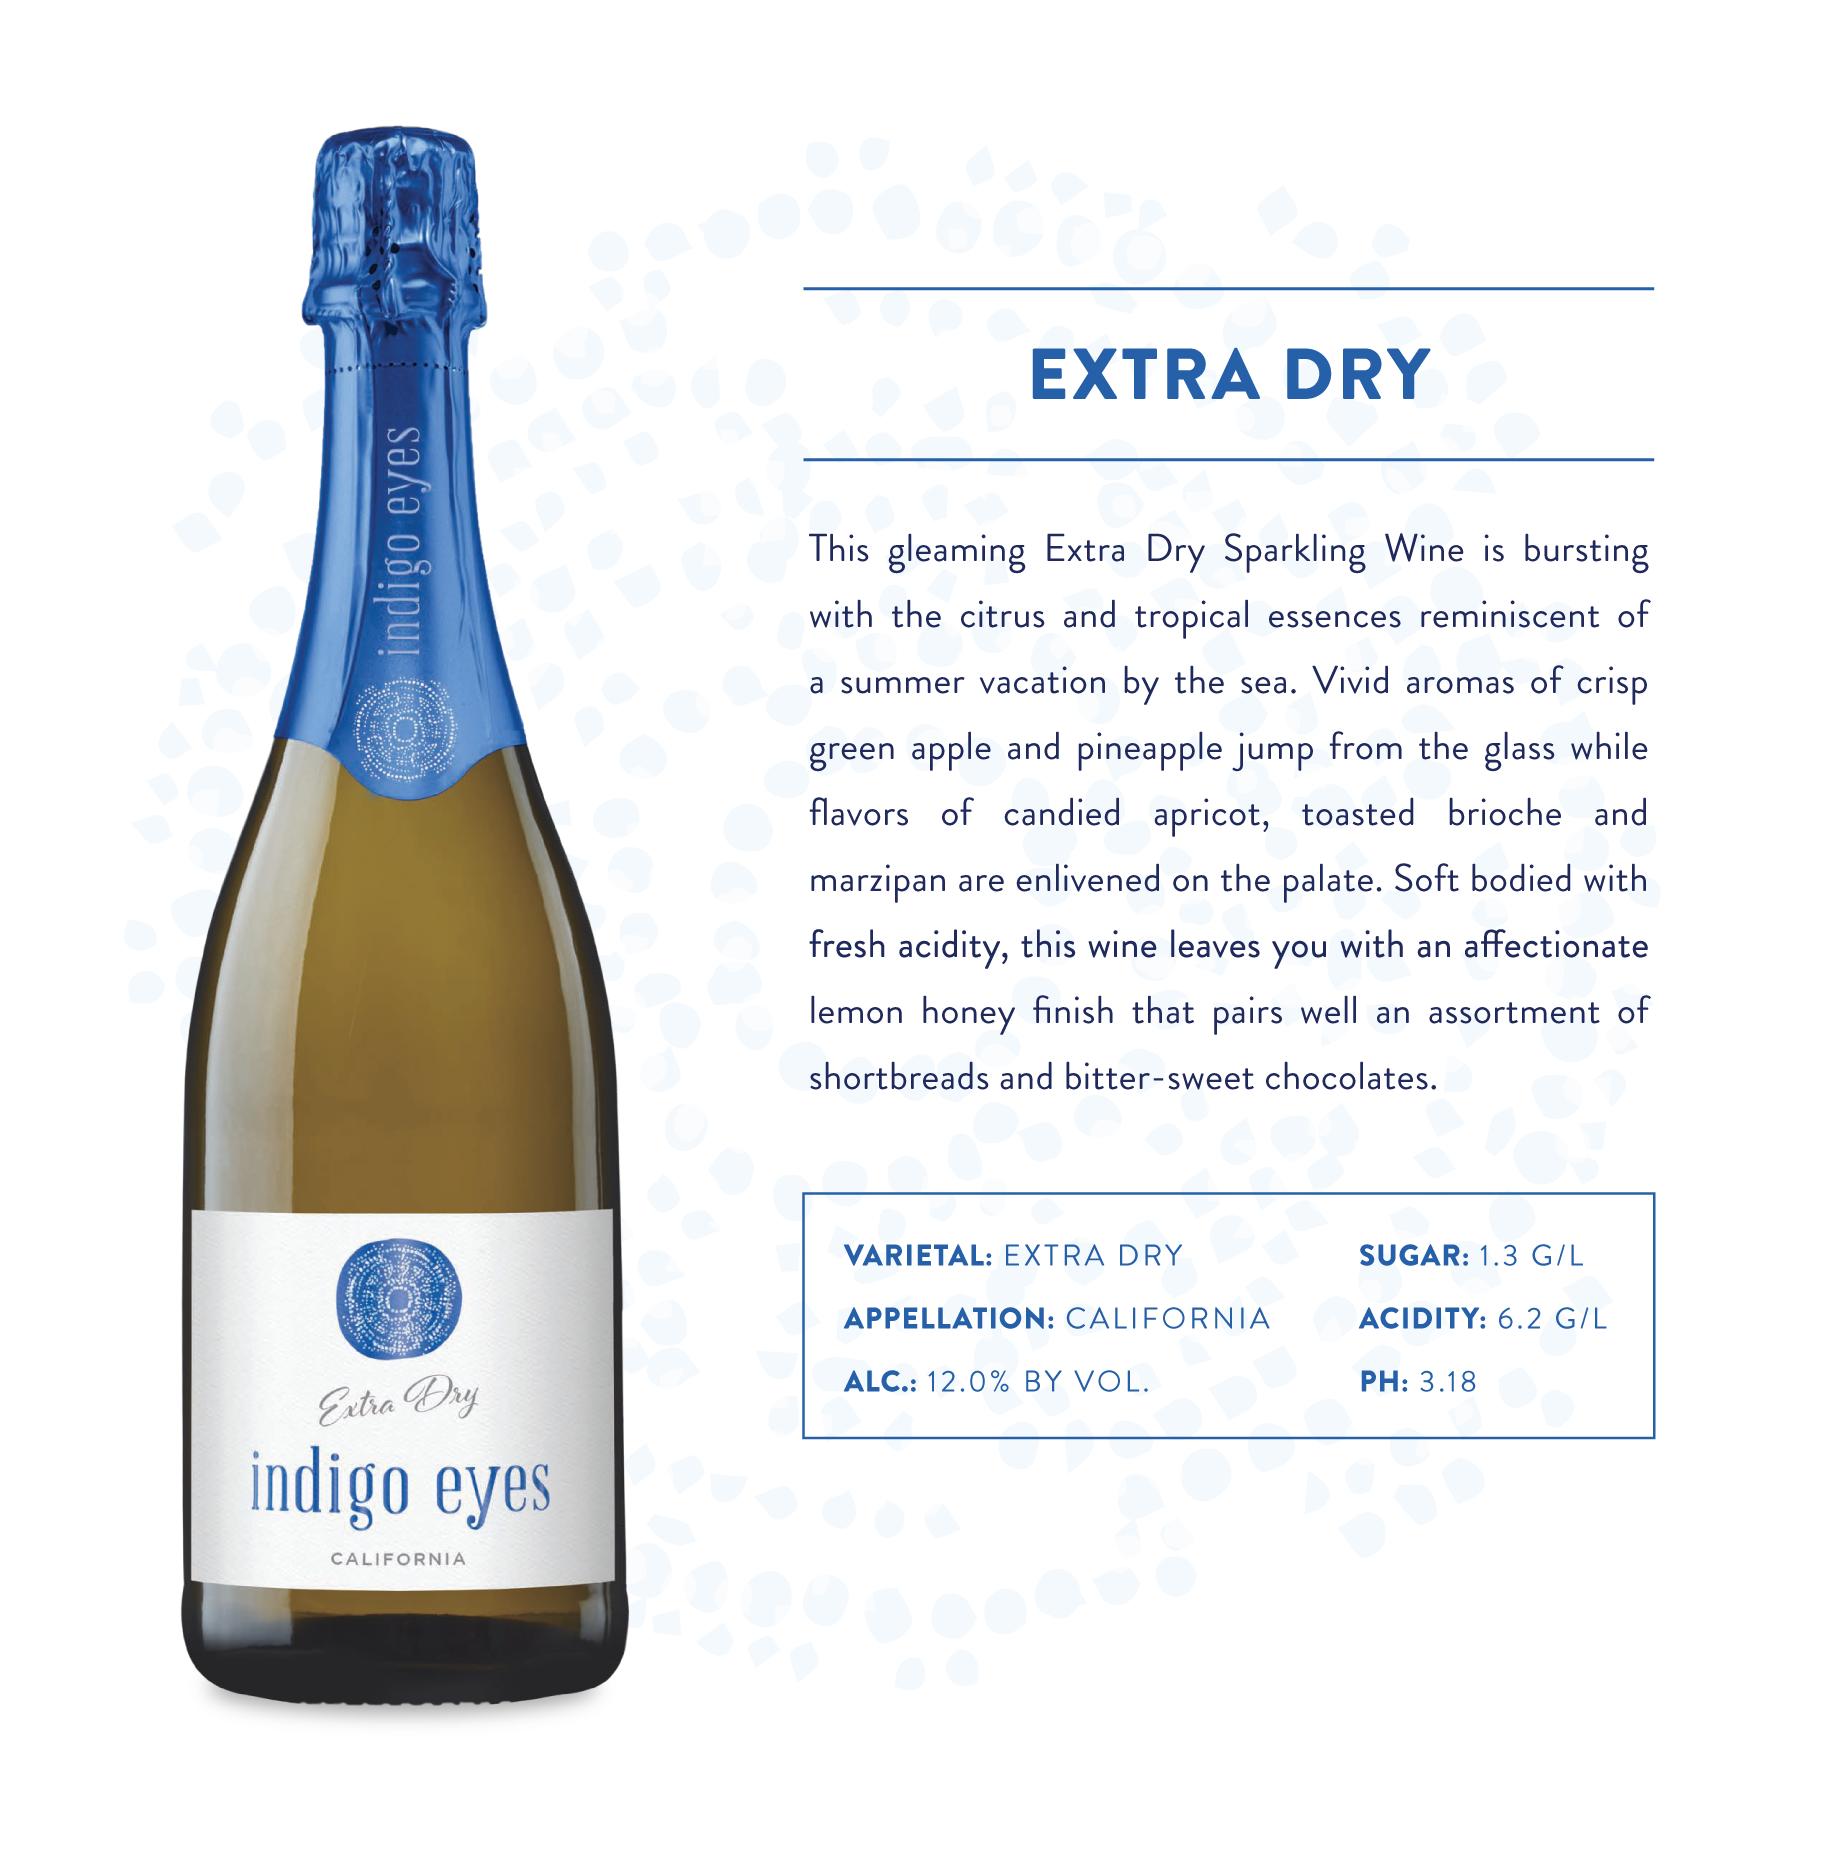 Indigo Eyes Extra Dry Sparkling Wine Product Page